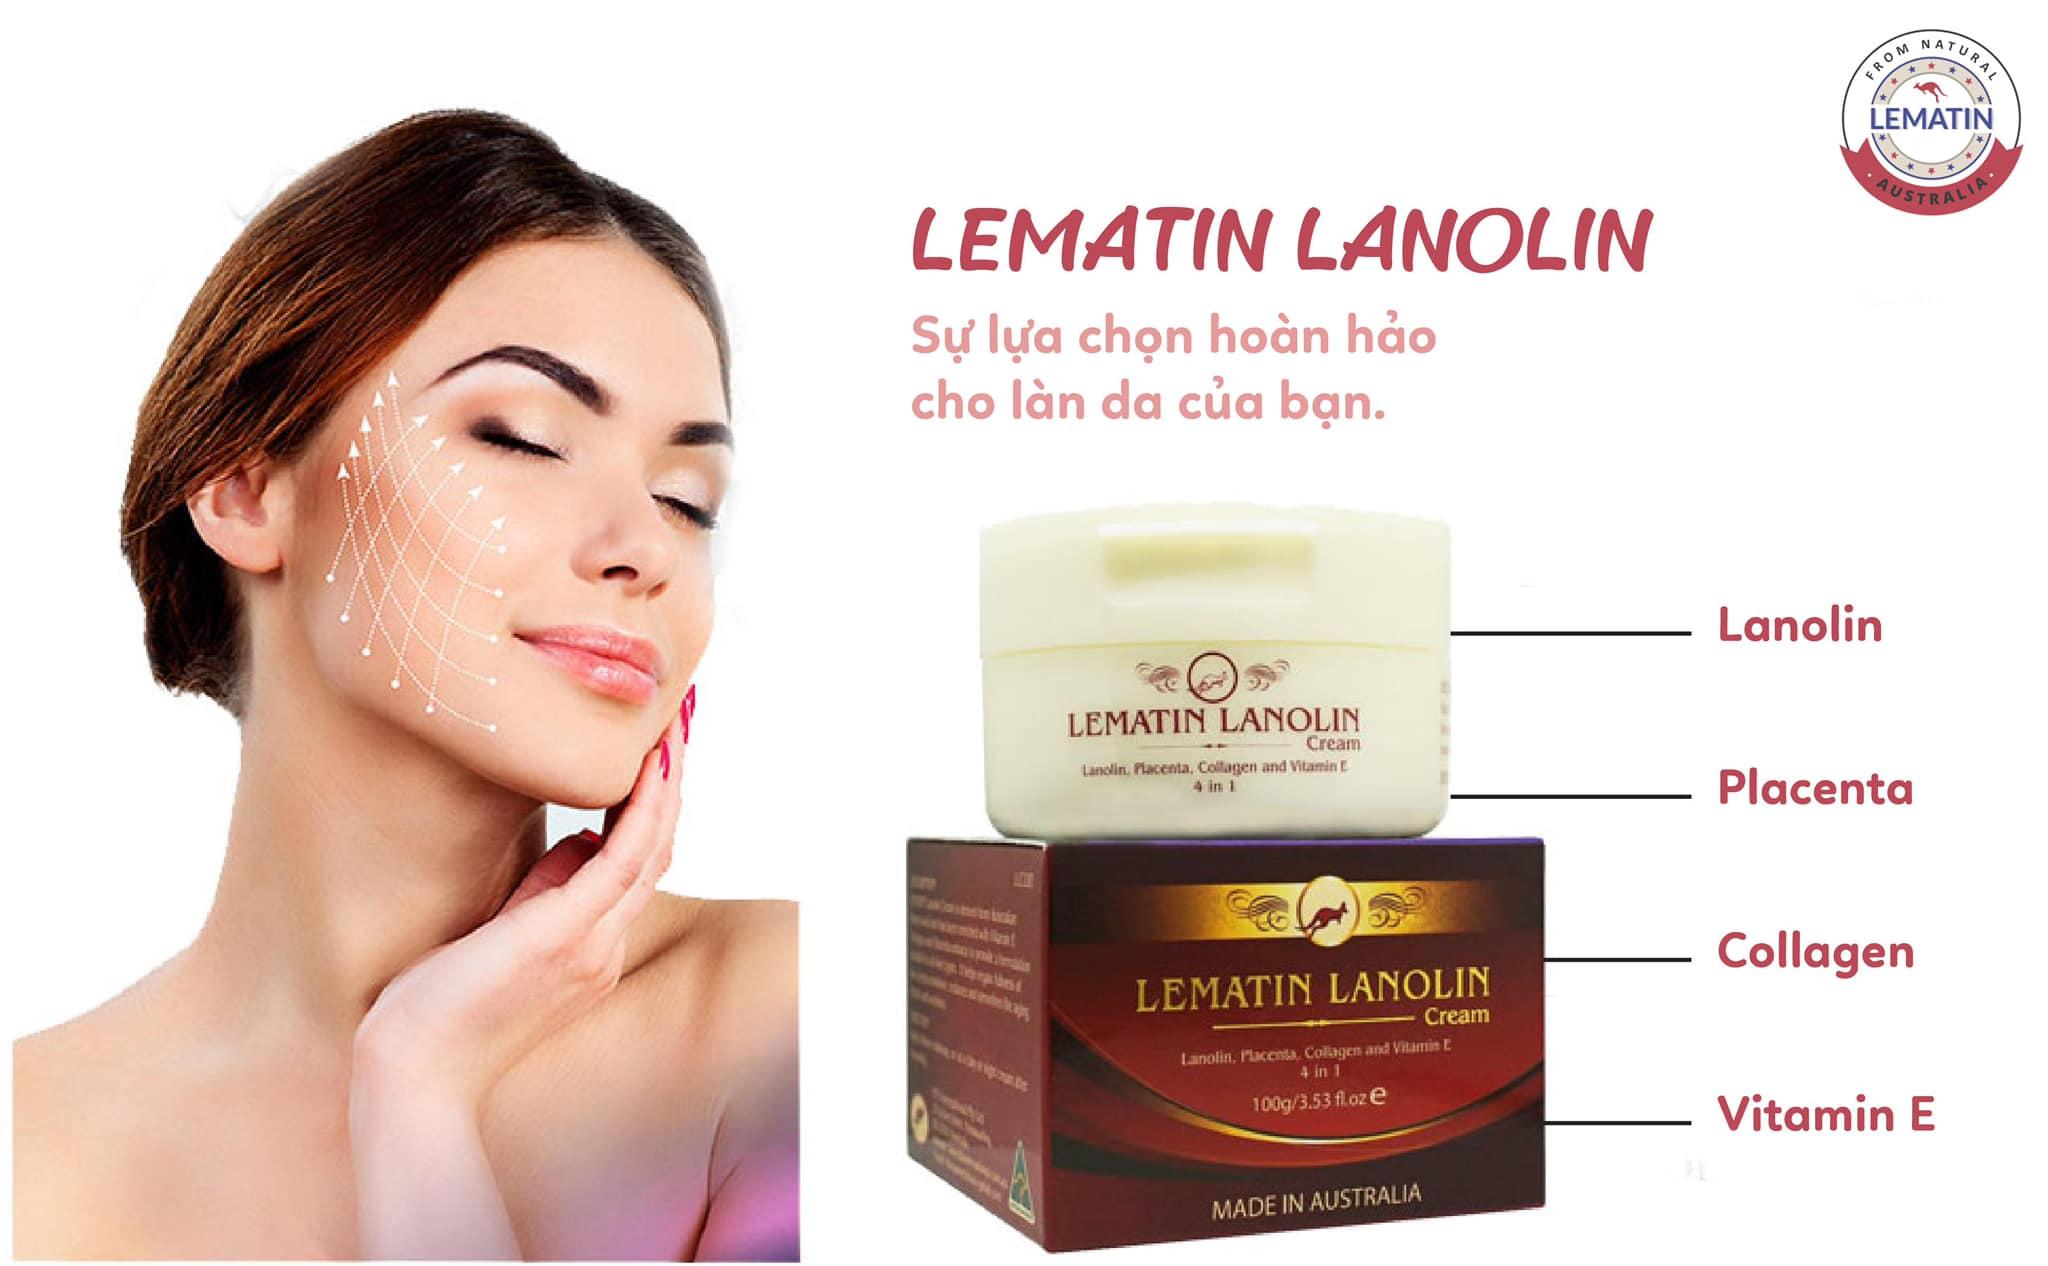 nhau thai cừu LEMATIN-LANOLIN (100 mg) organic365